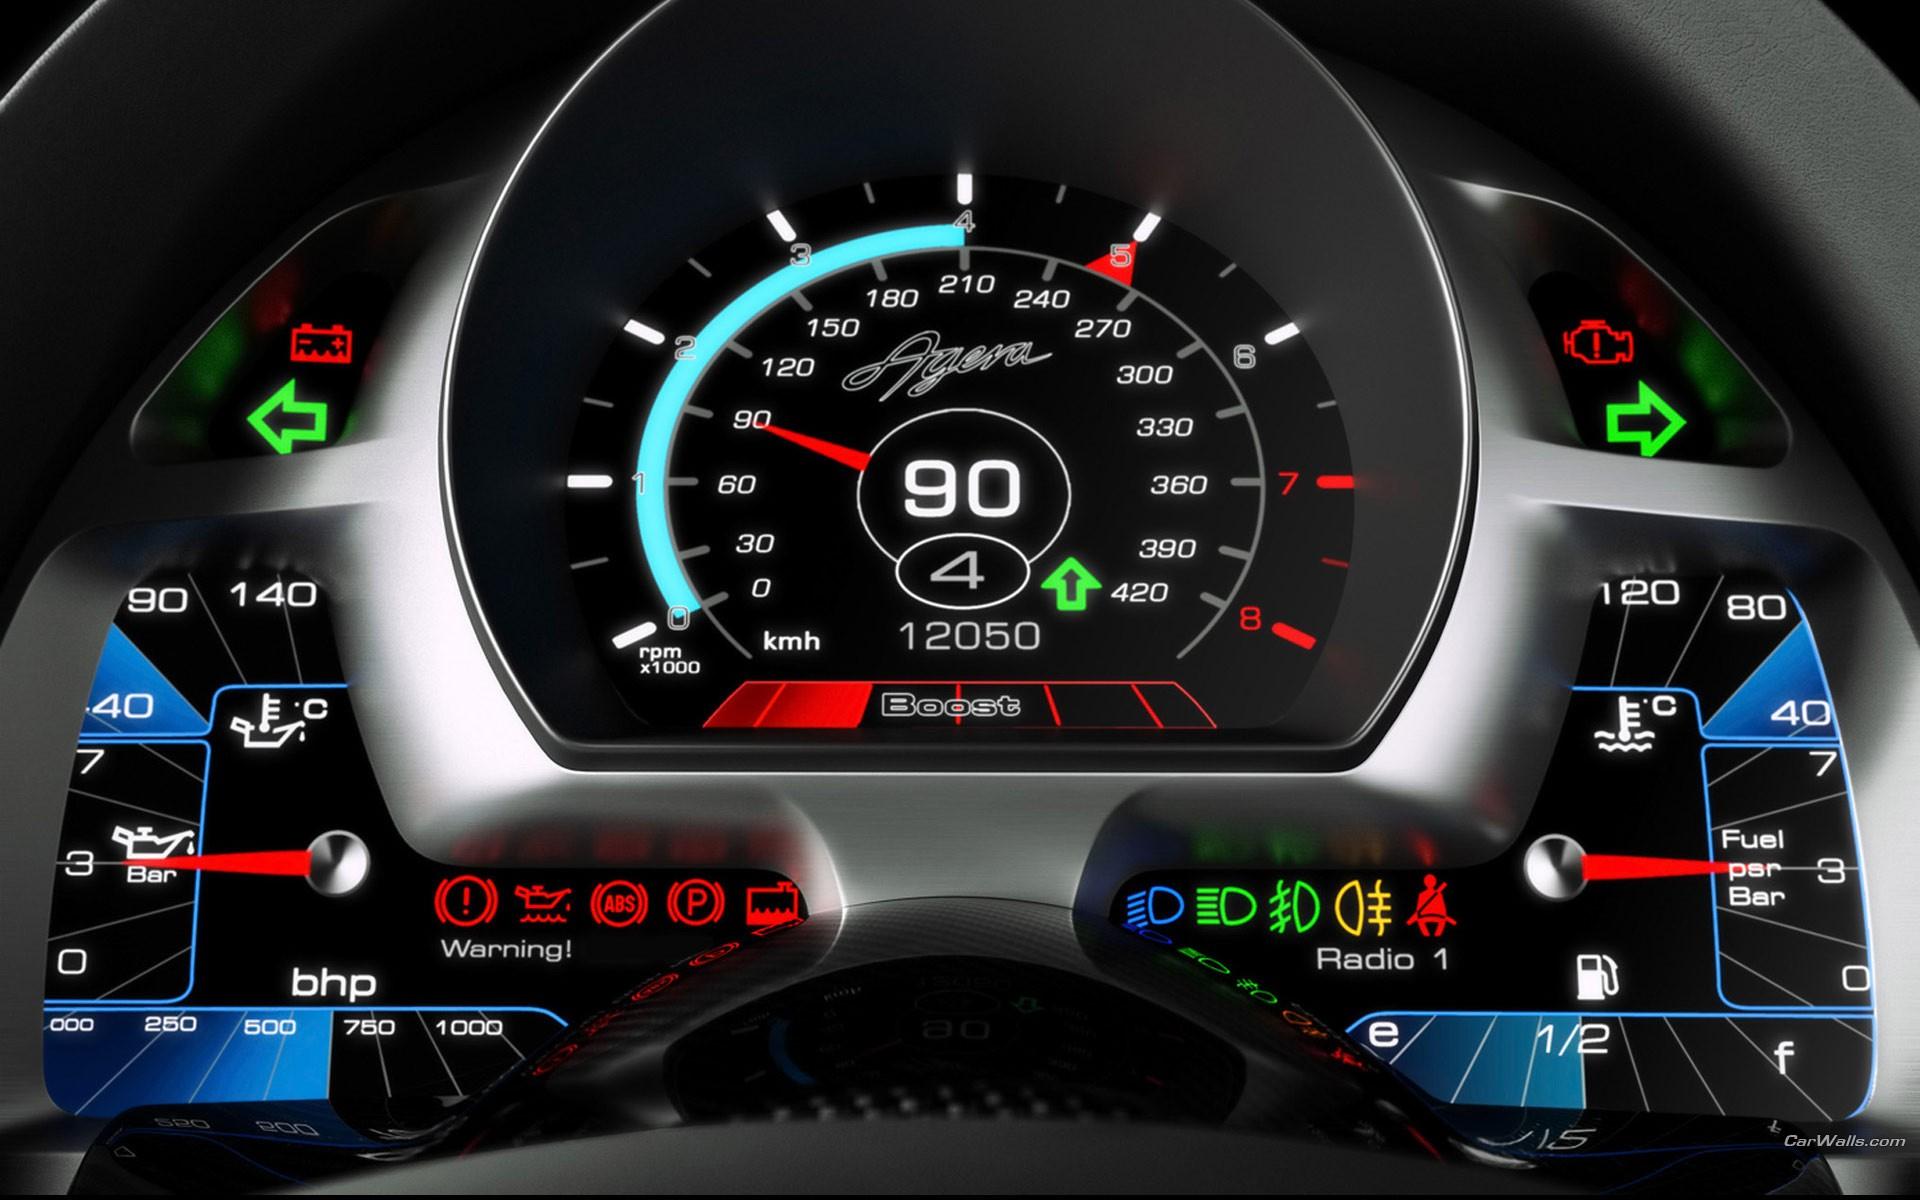 Panel de auto Koenigsegg Agera - 1920x1200